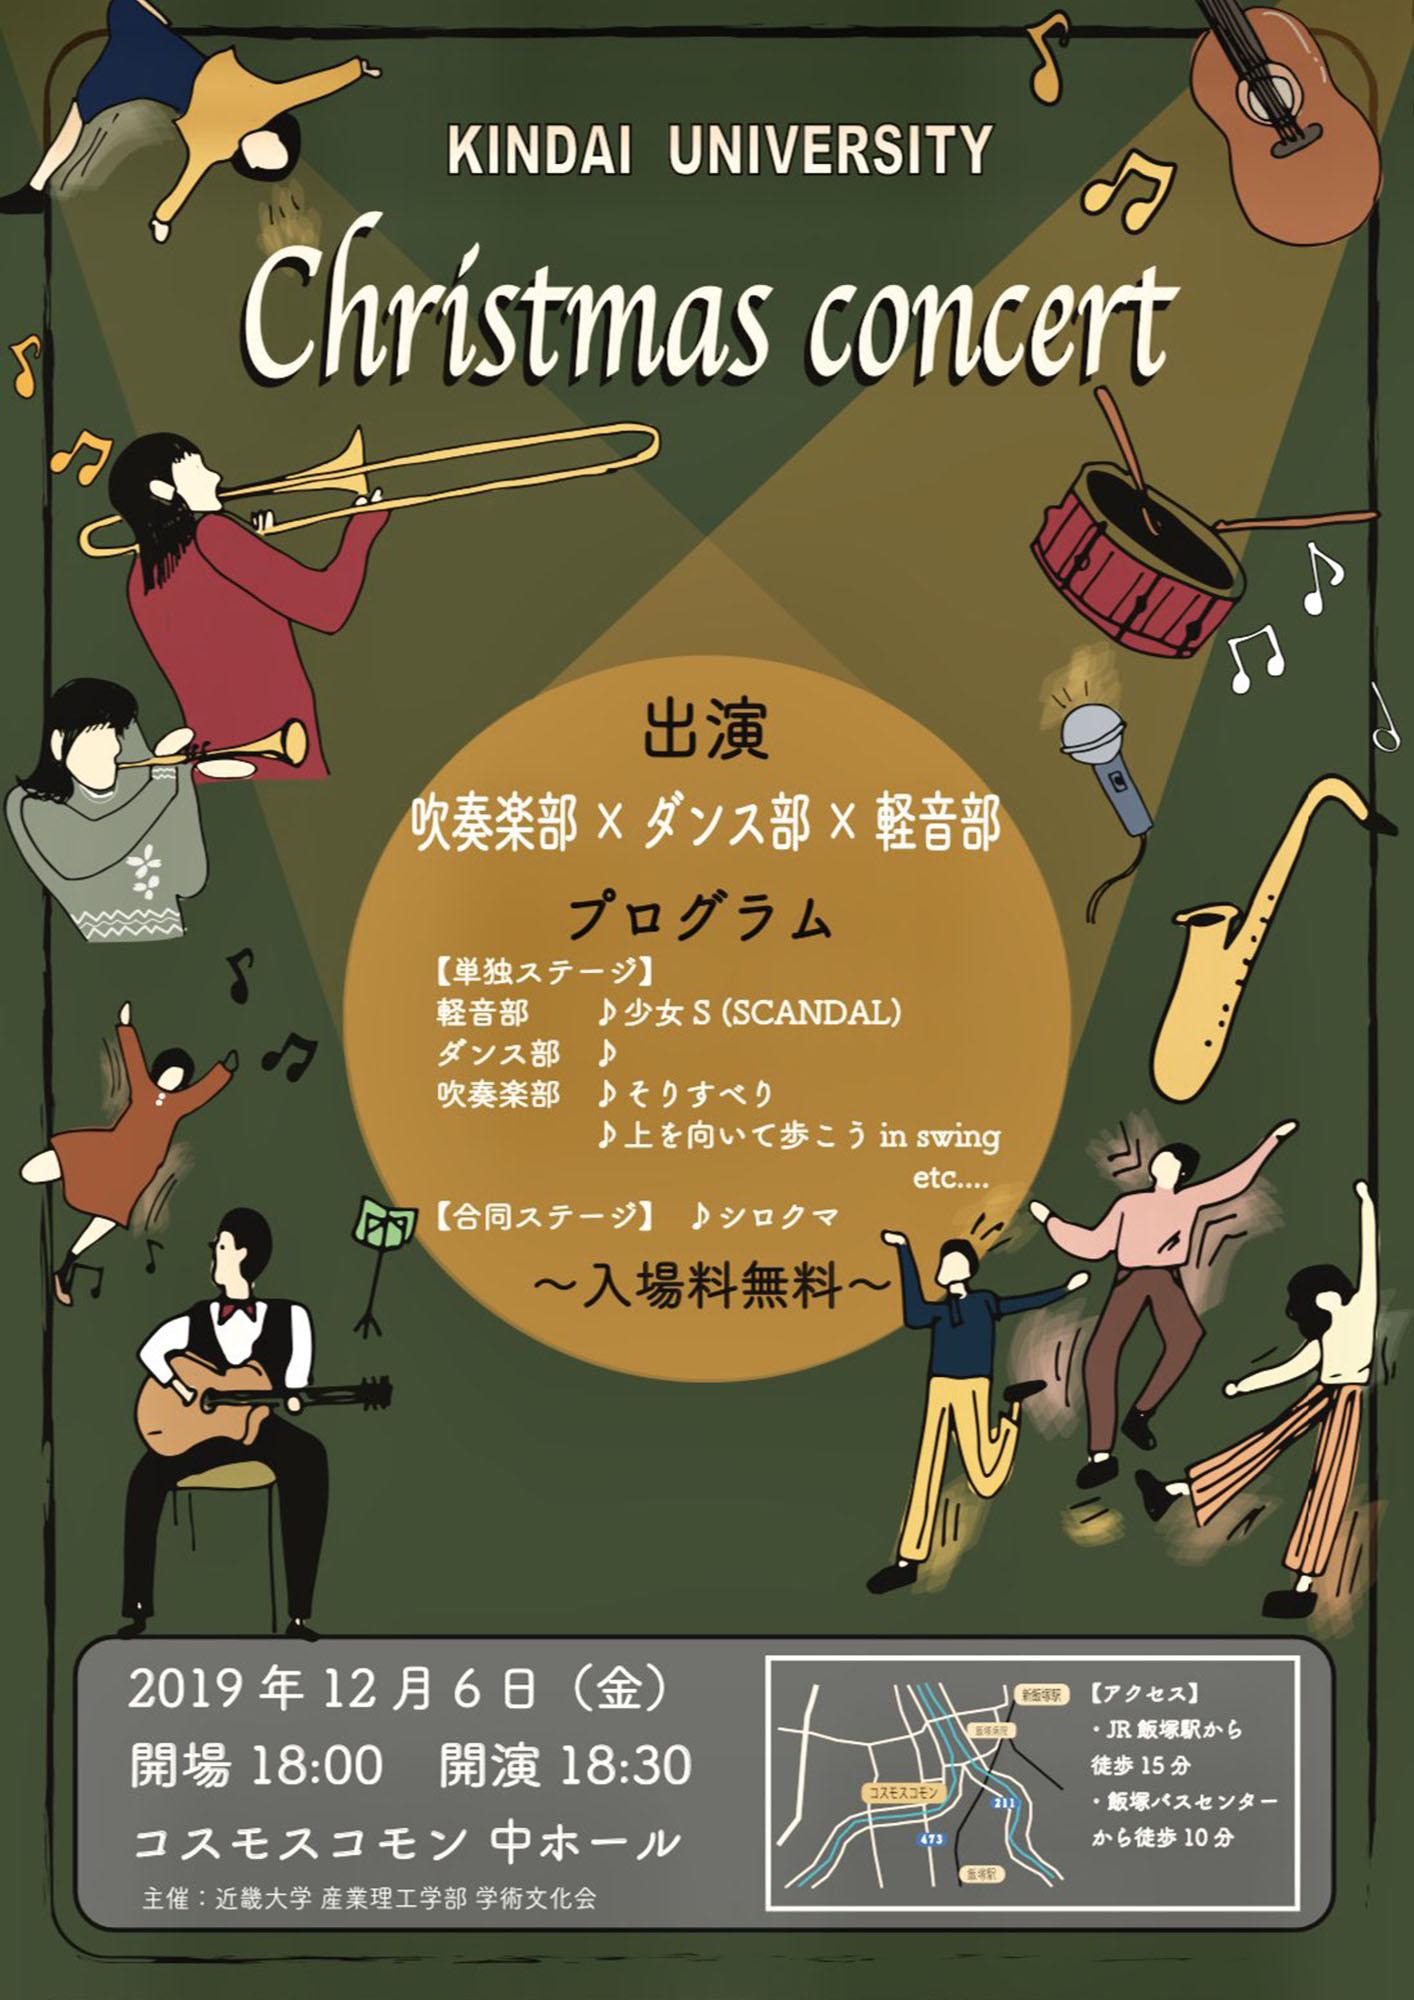 近大クリスマスコンサート